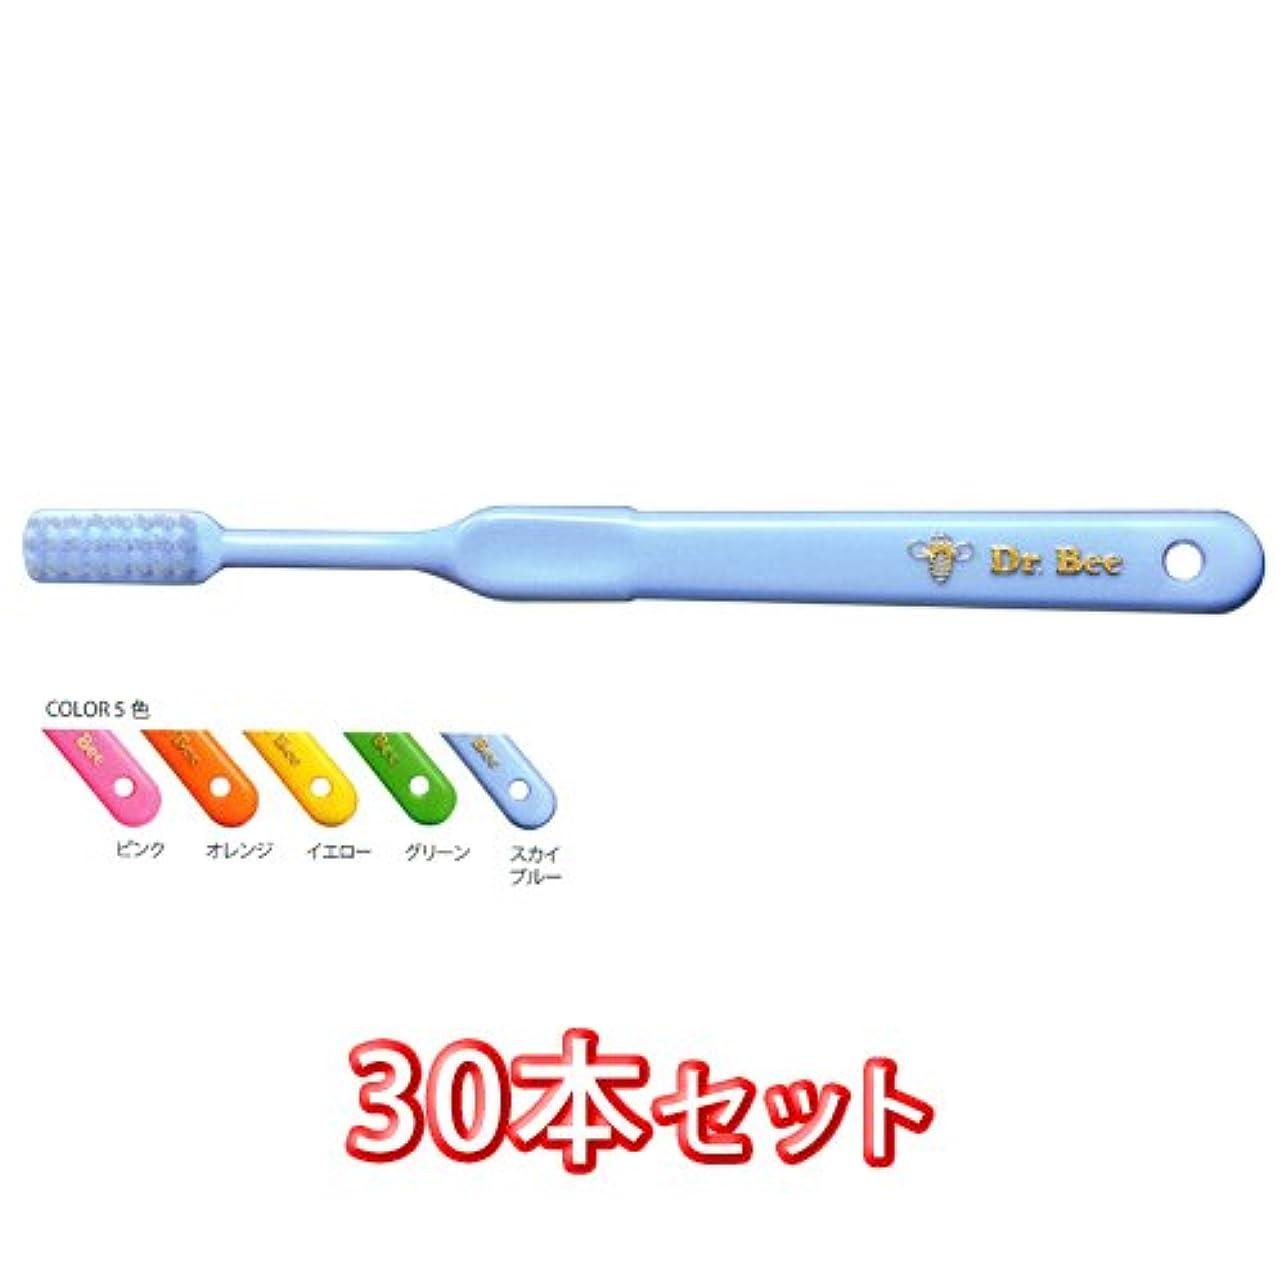 給料マイルうねるビーブランド ドクタービー 歯ブラシ 30本入 ドクタービーソフト (ふつう))